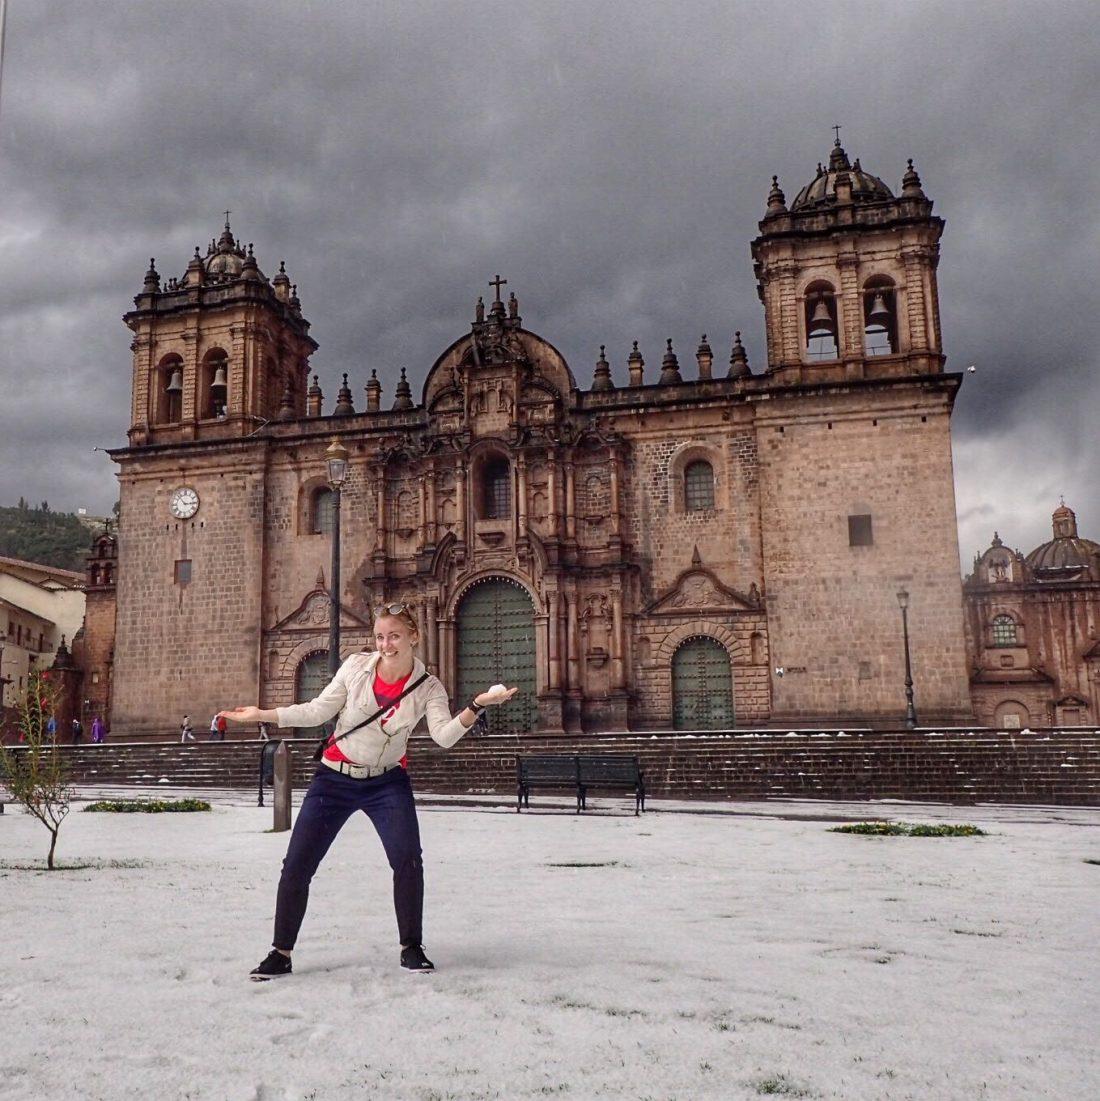 hagelbuitje in Cusco - warm welkom zeg maar..